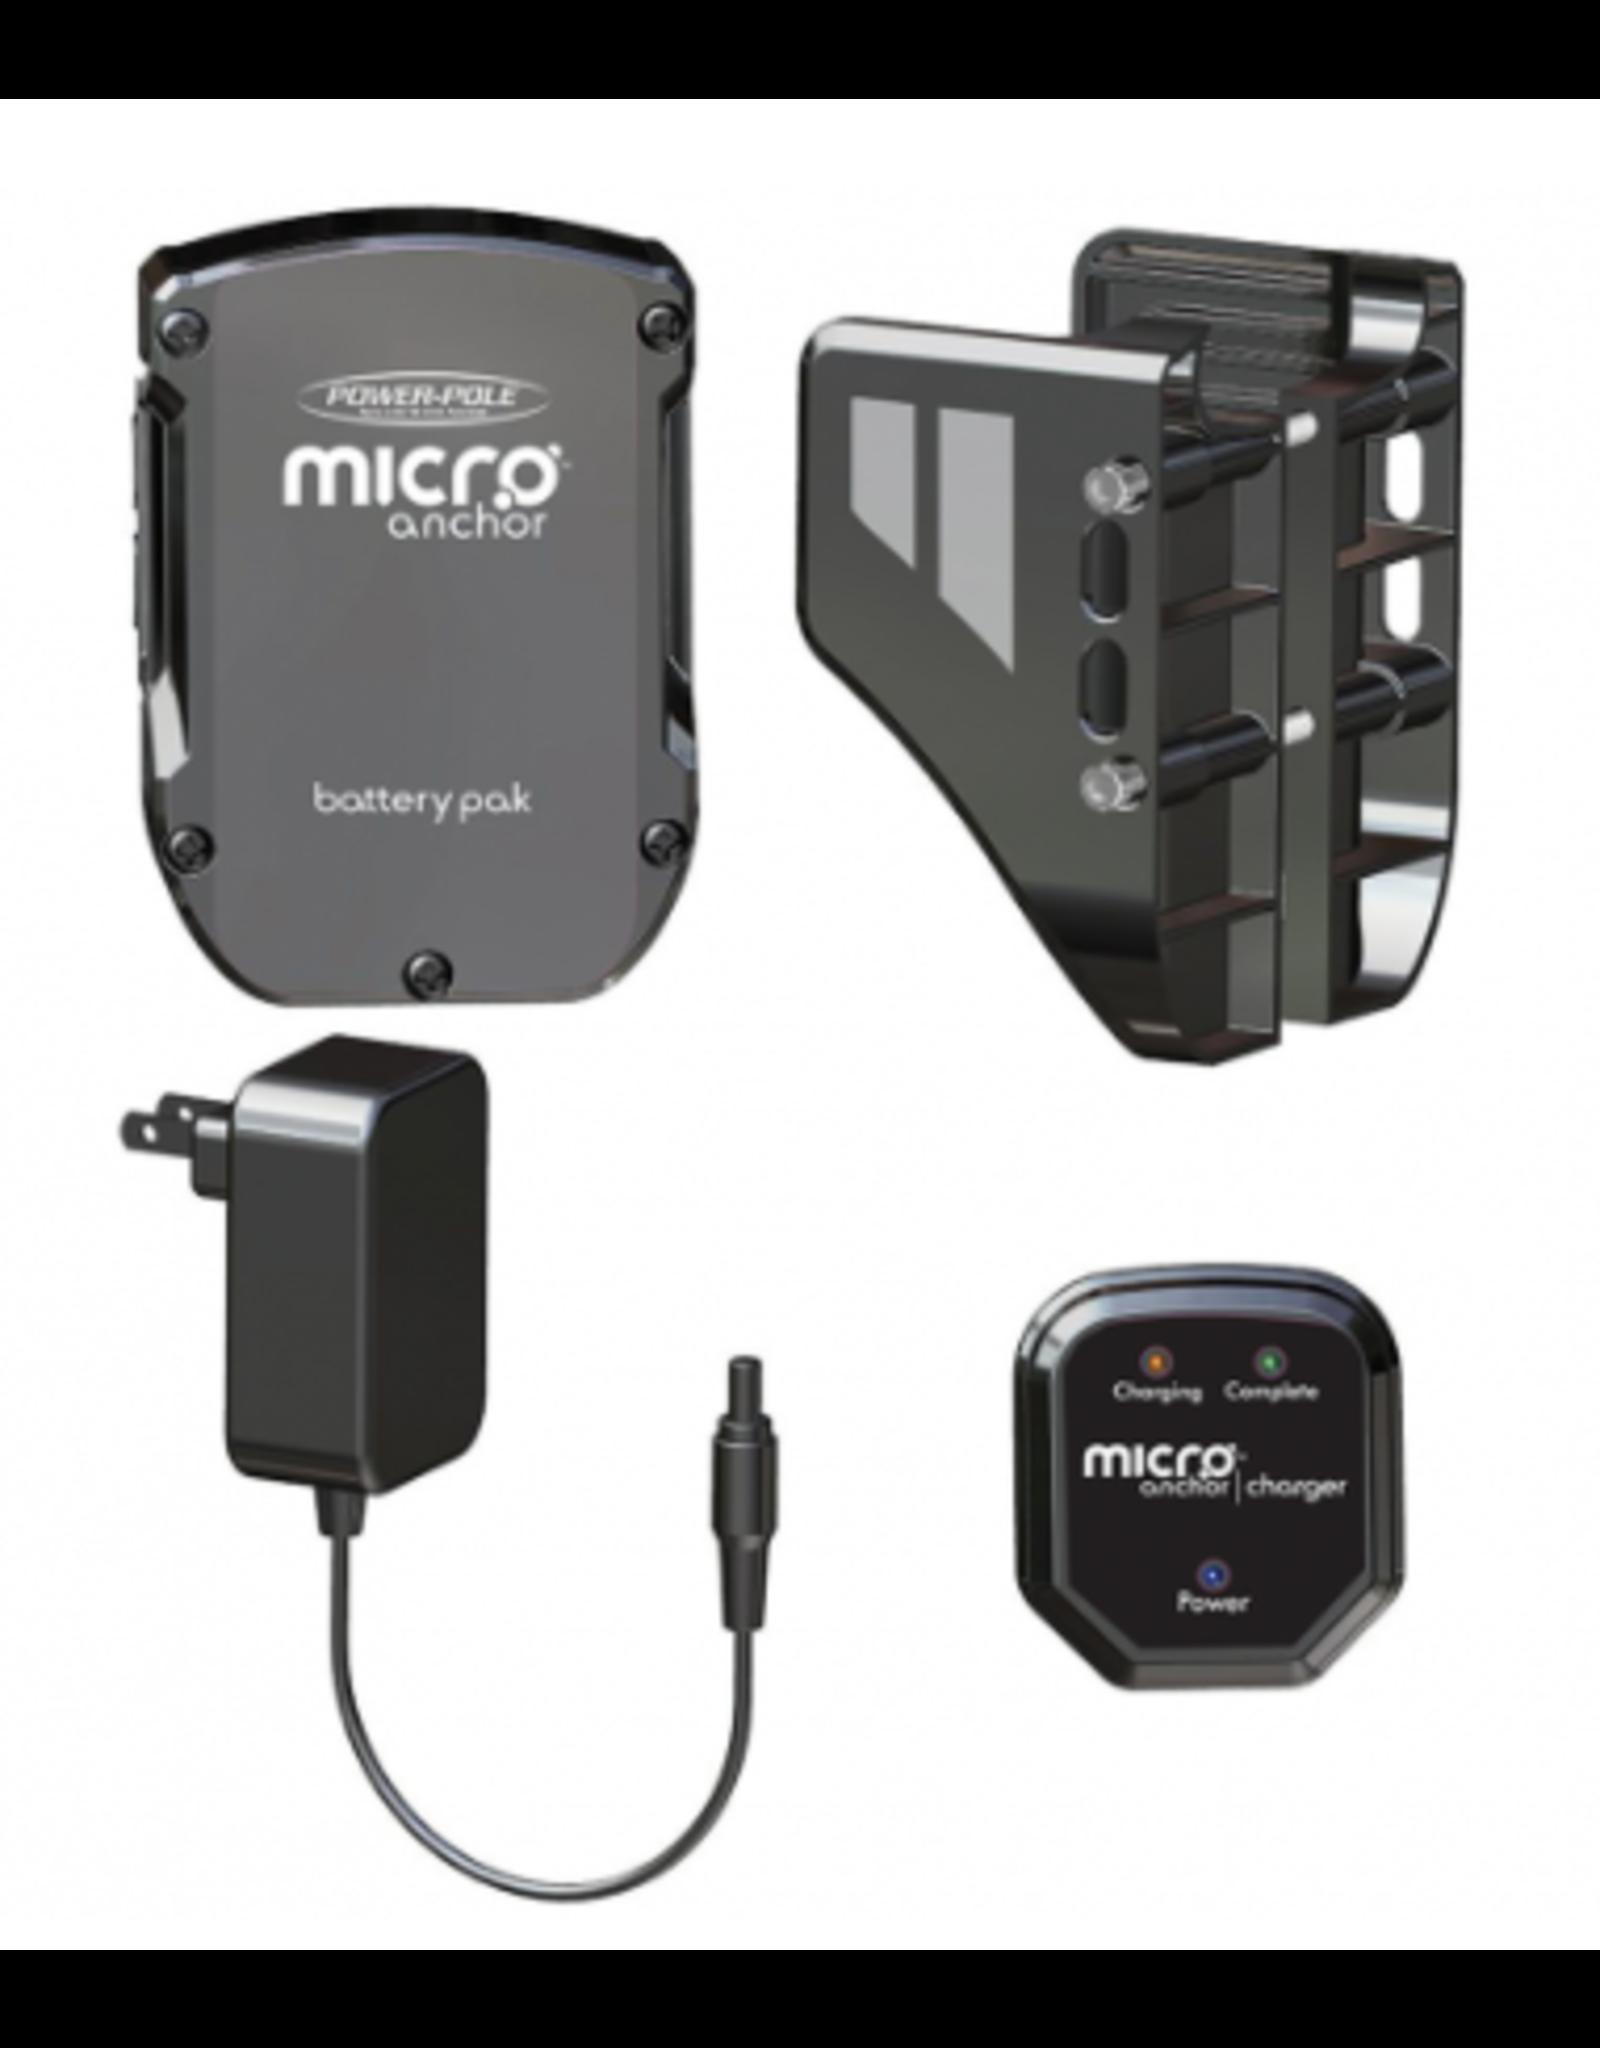 Hobie Hobie Acc. Powerpole Batterie - Micro Battery Pak - Lithium